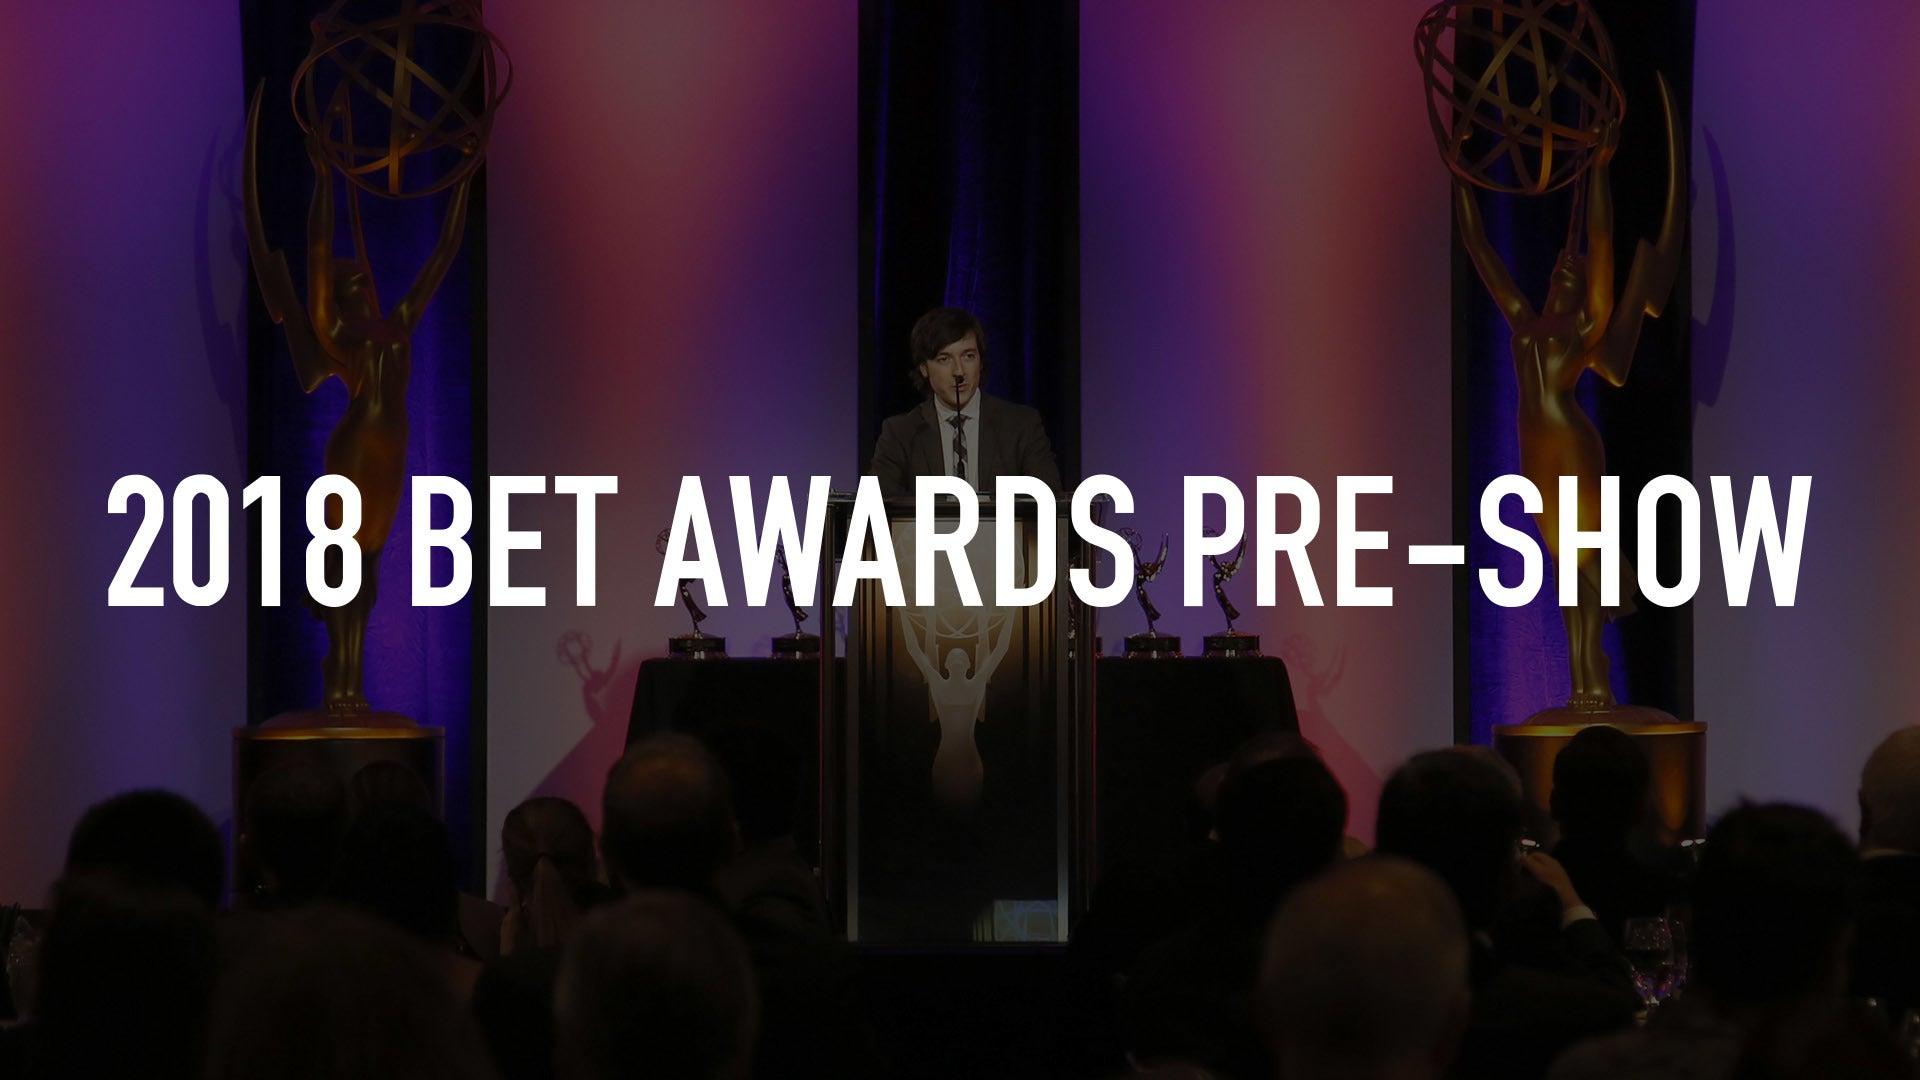 2018 BET Awards Pre-Show